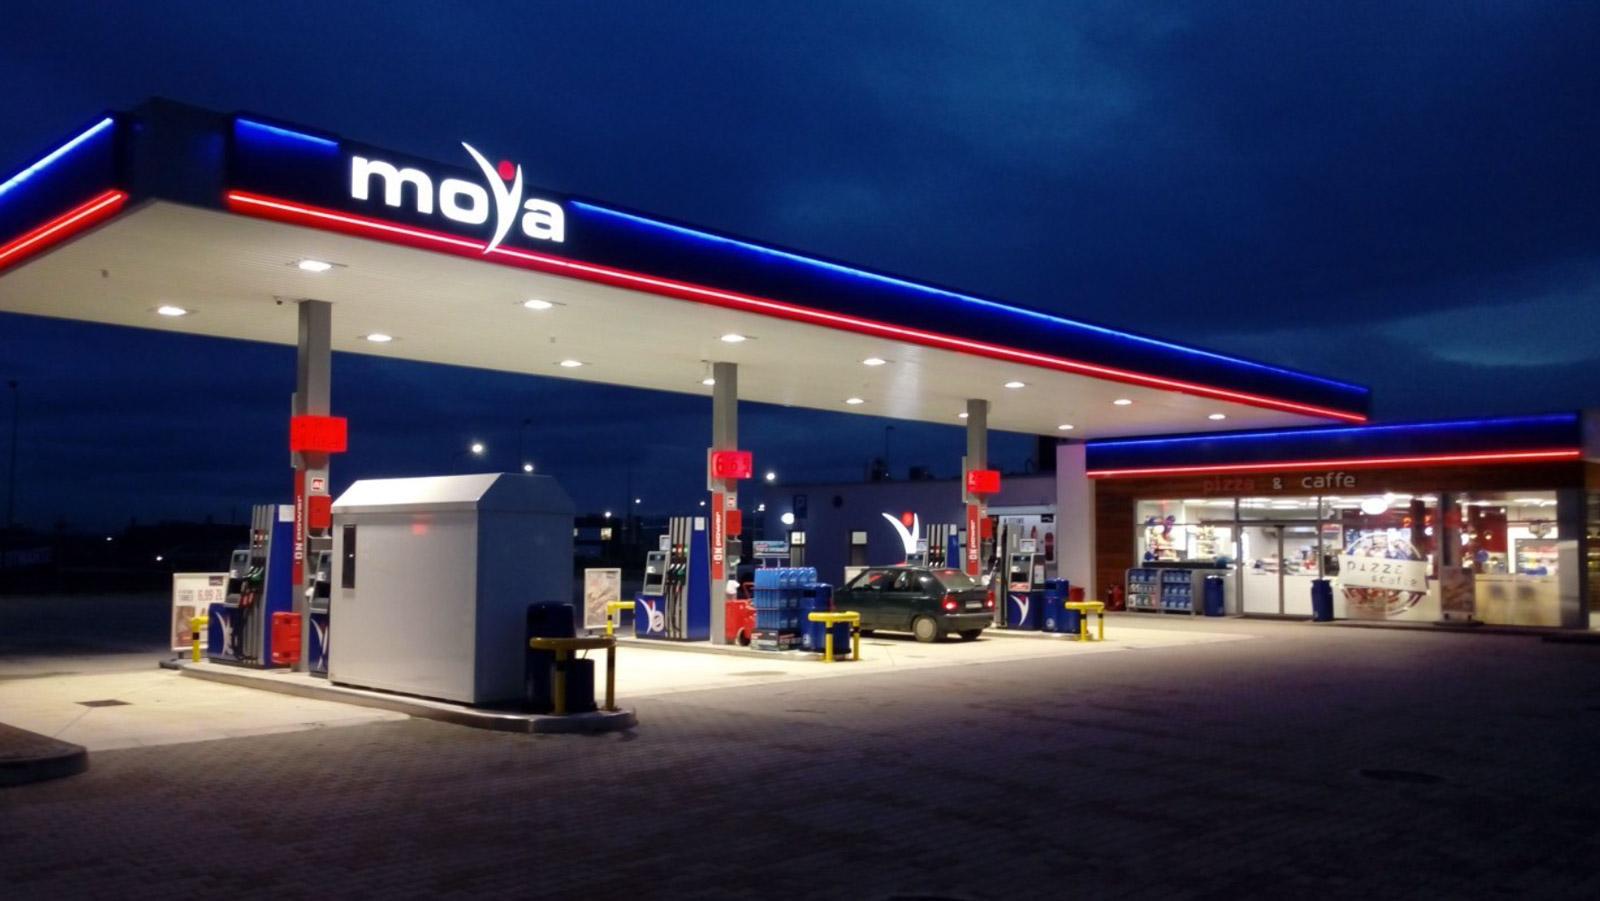 Właściciel marki MOYA przejmie sieć stacji paliw Biznes mediarun moya stacja paliw 2020